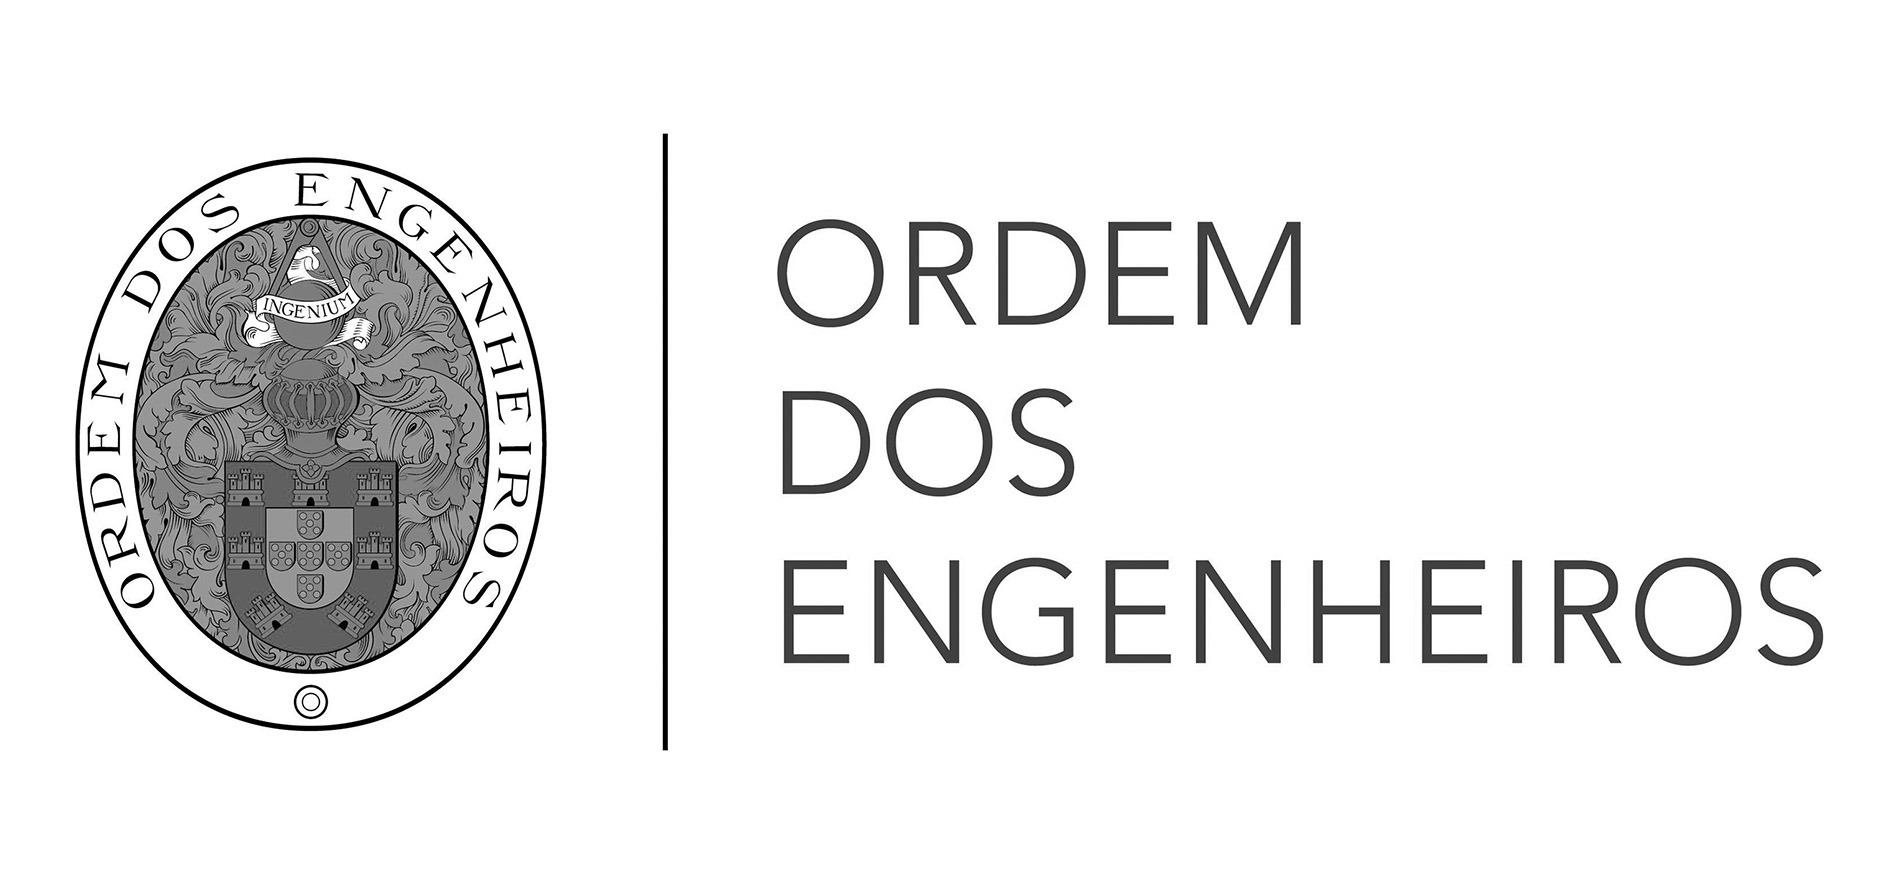 G5 Ordem dos engenheiros